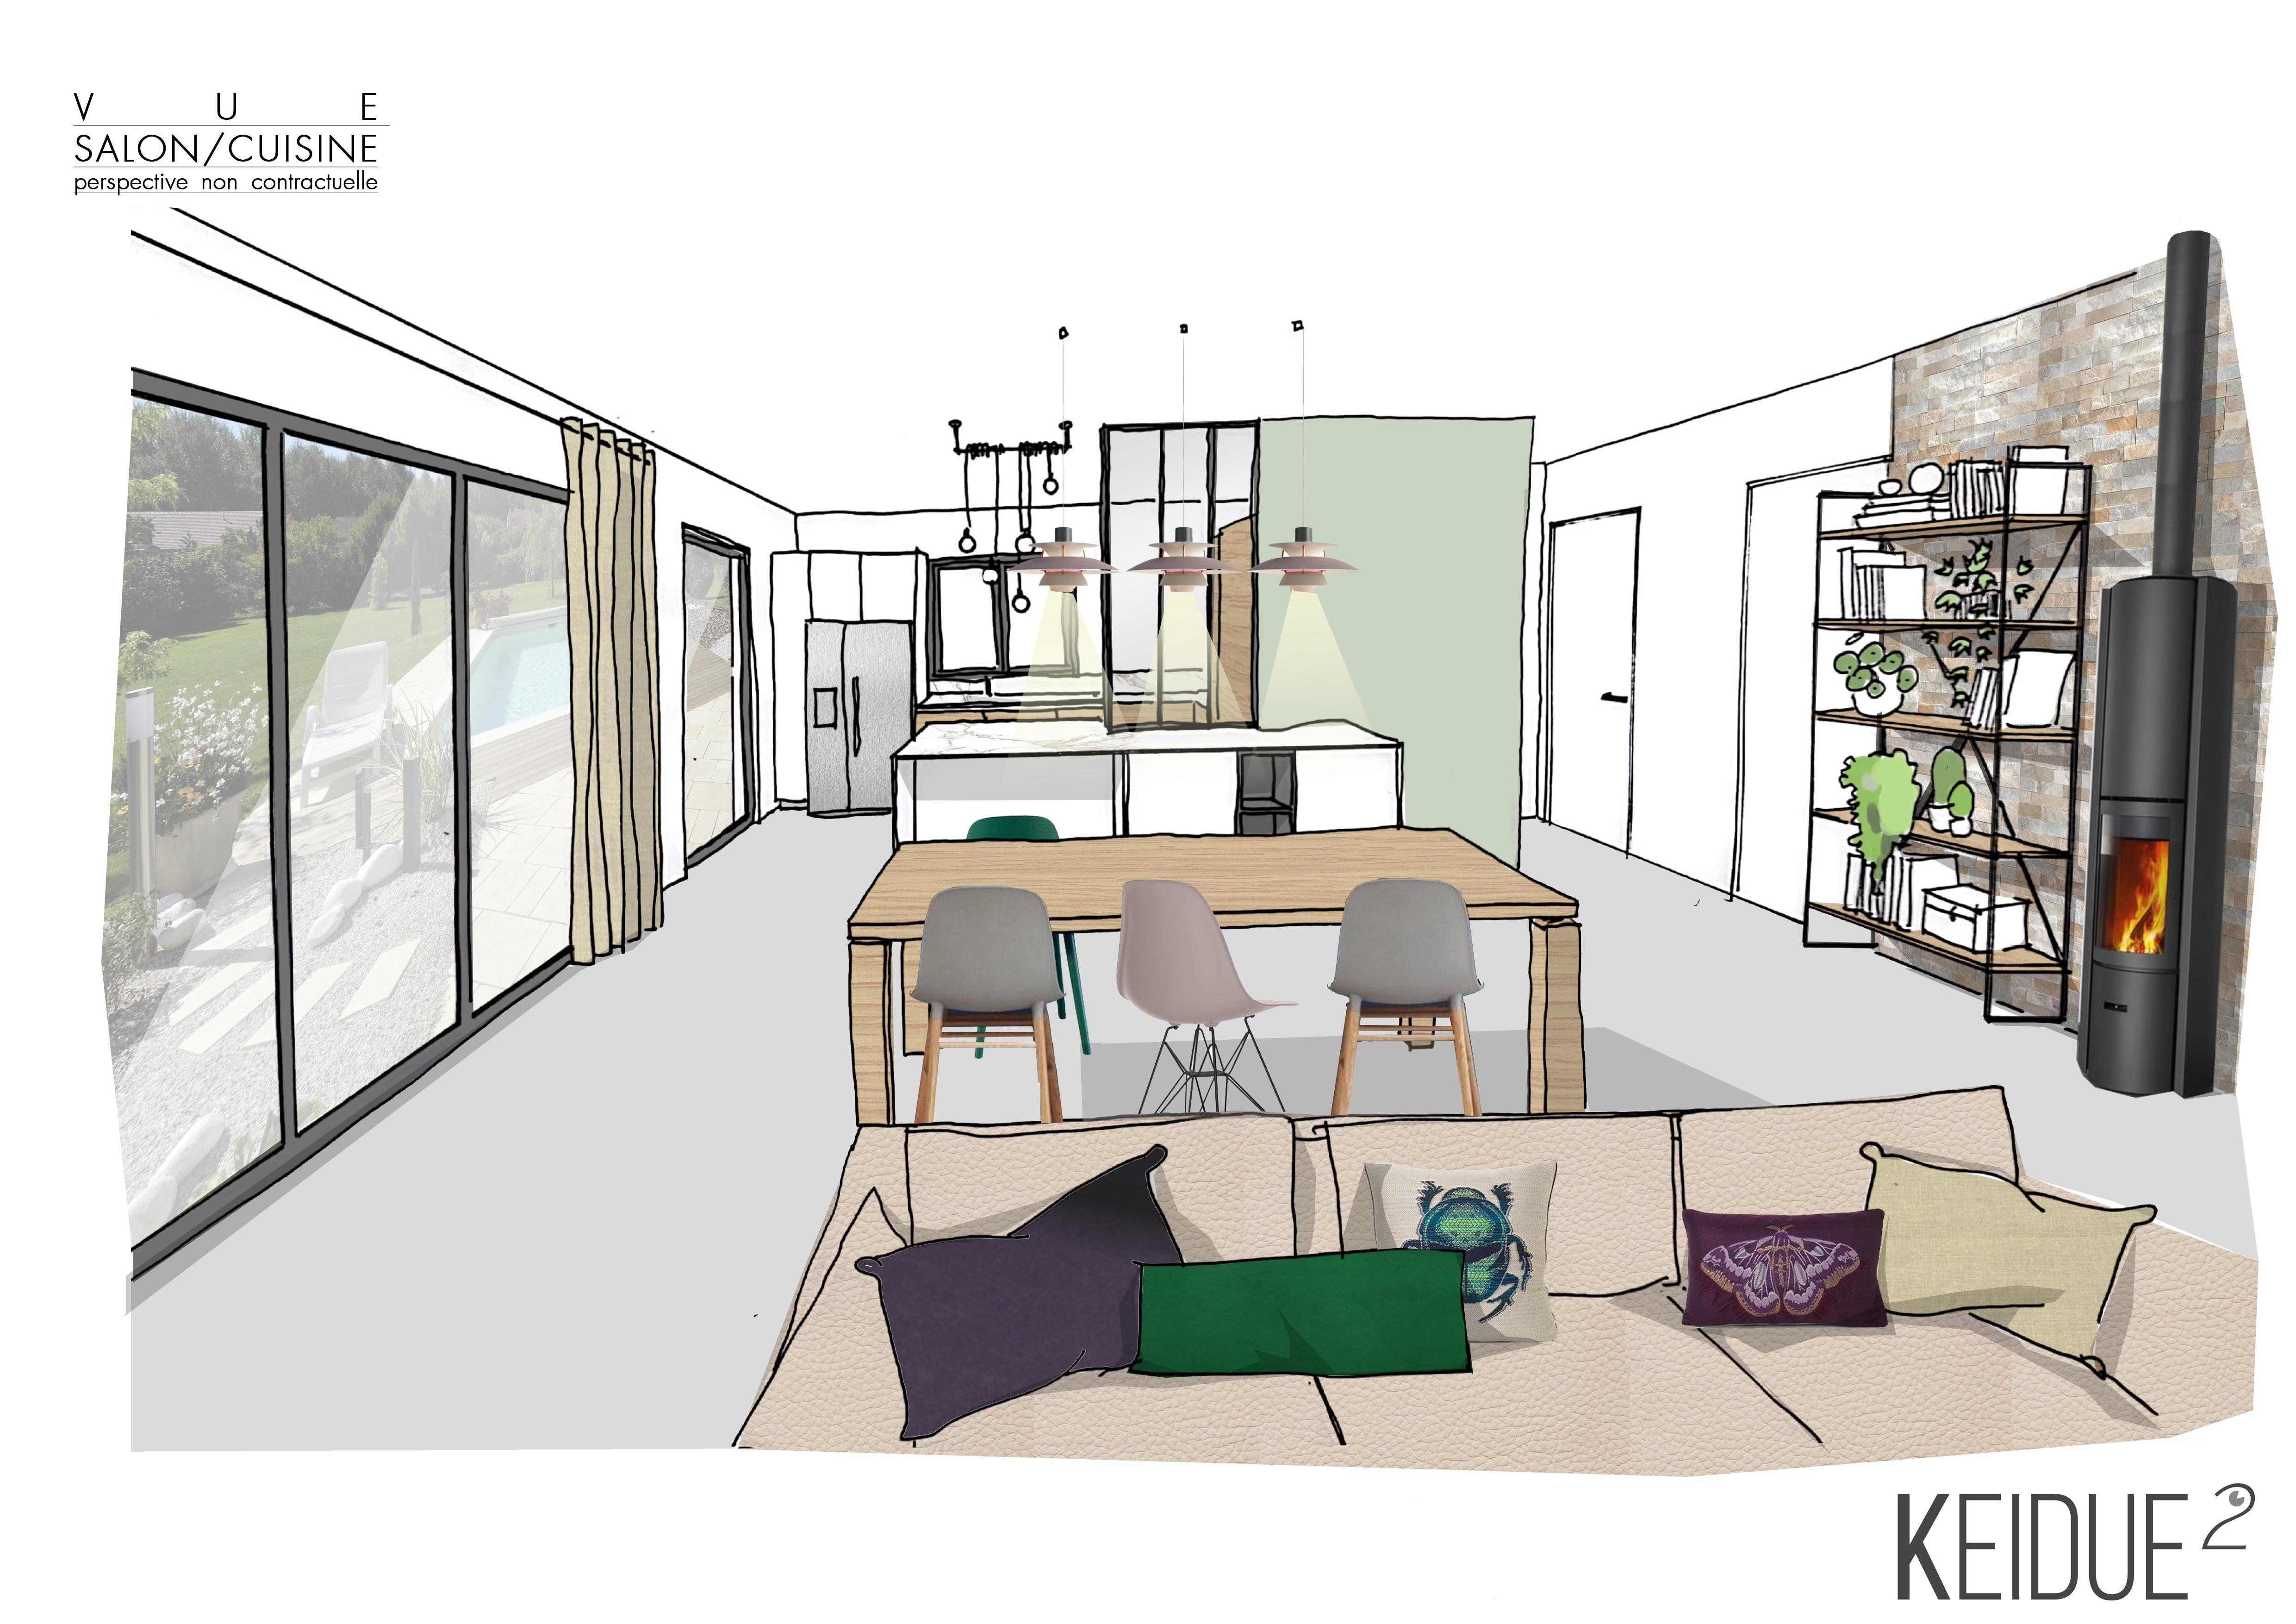 Idee Renovation Salon comment harmoniser un espace cuisine ouverte ? | home, decor